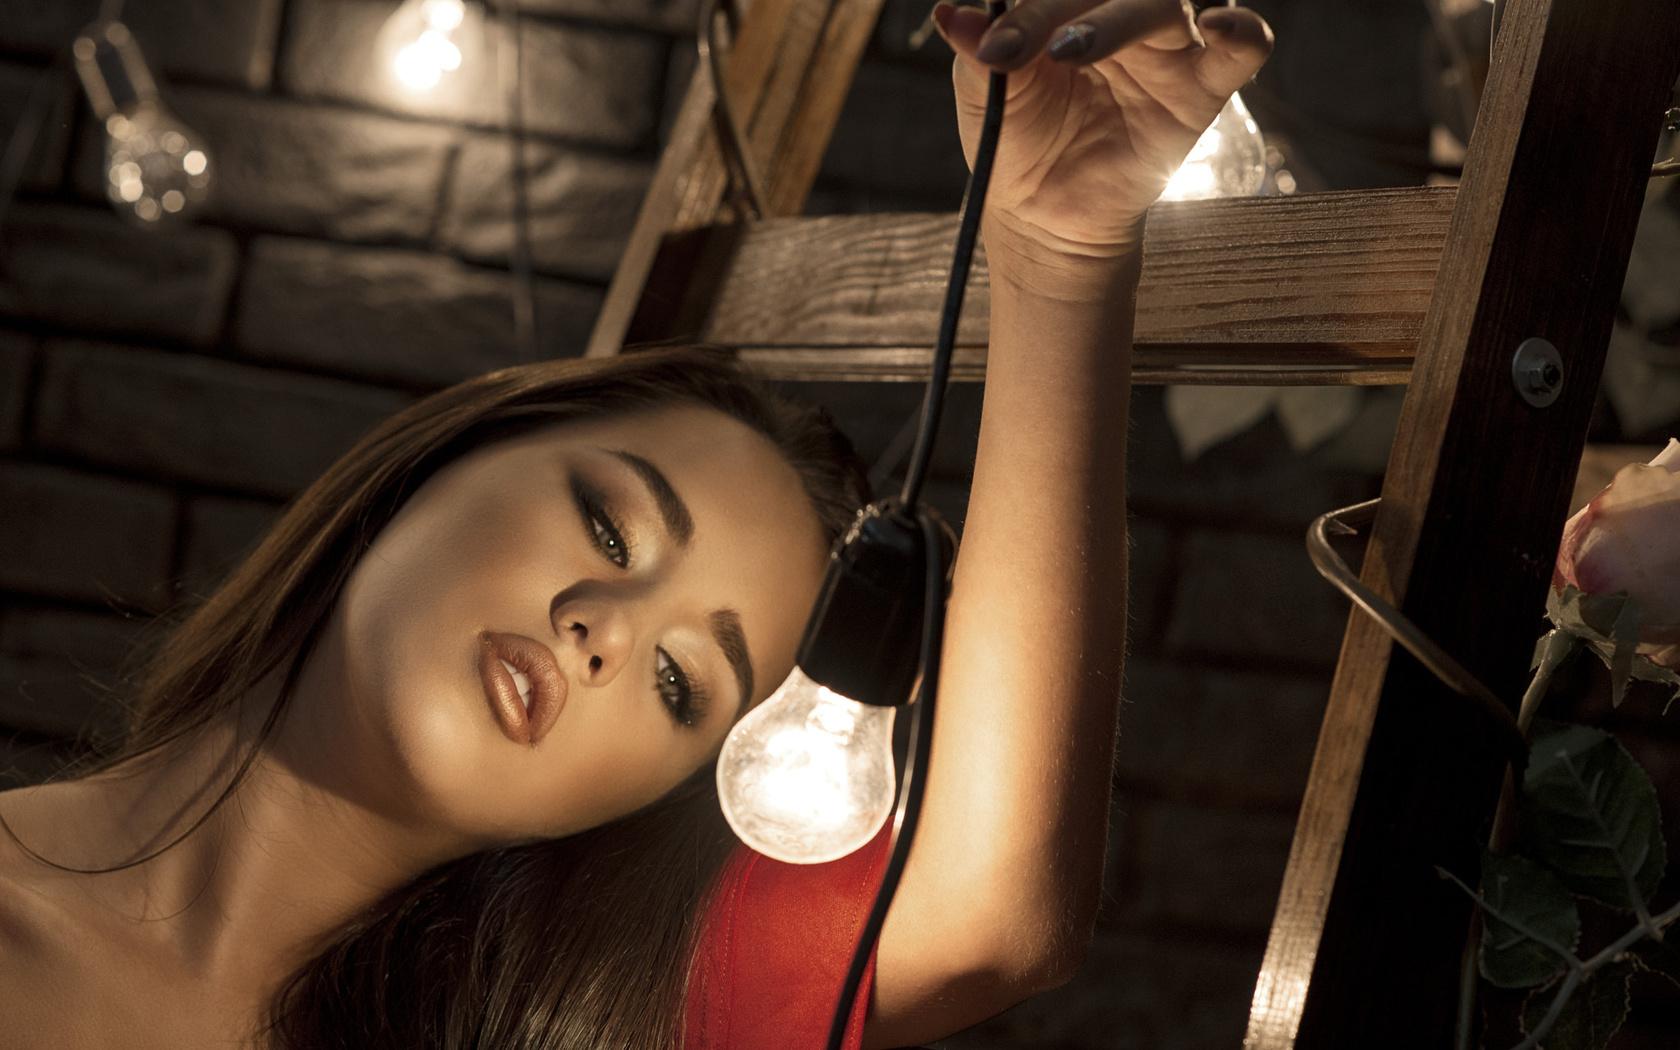 women, face, portrait, light bulb, ladders, девушка, шатенка, взгляд, макияж, лицо, лампочка